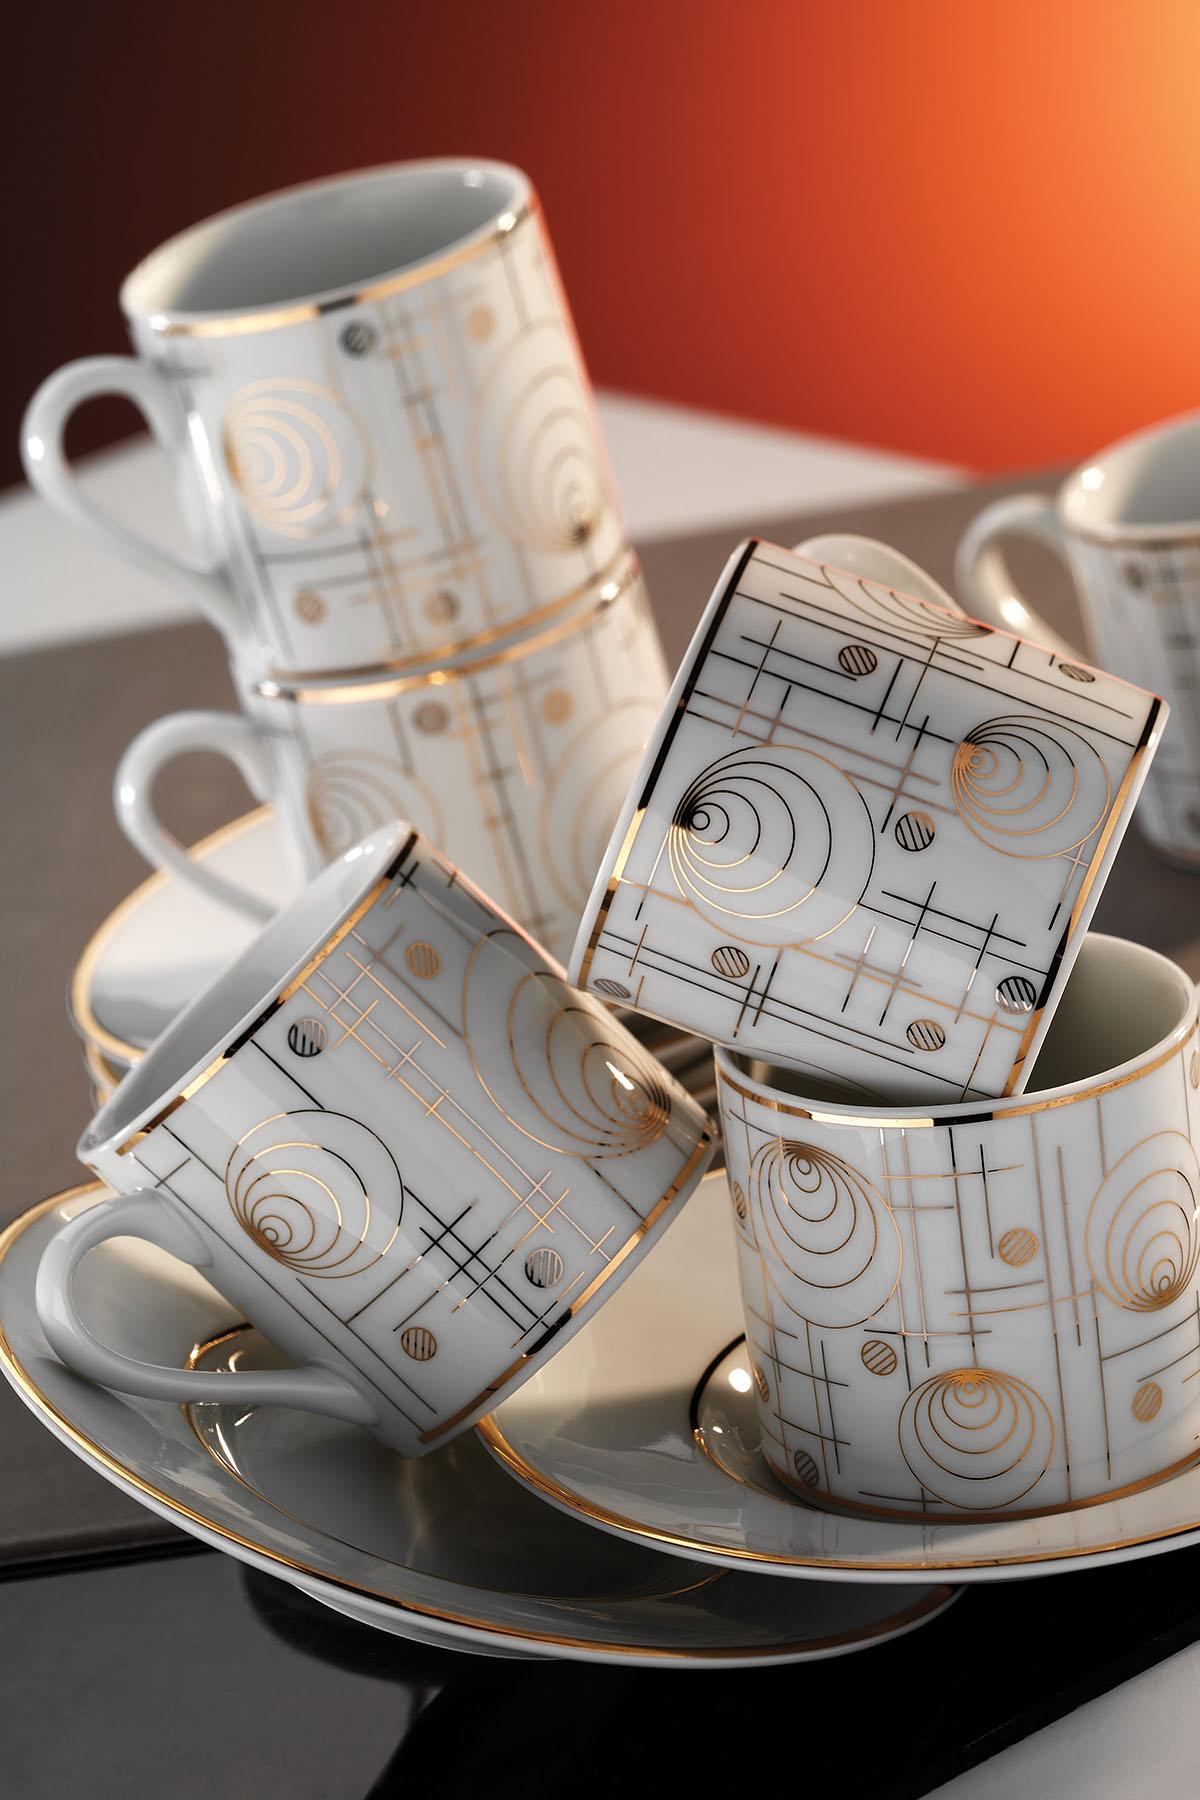 Kütahya Porselen Rüya 7042 Desen Kahve Fincan Takımı